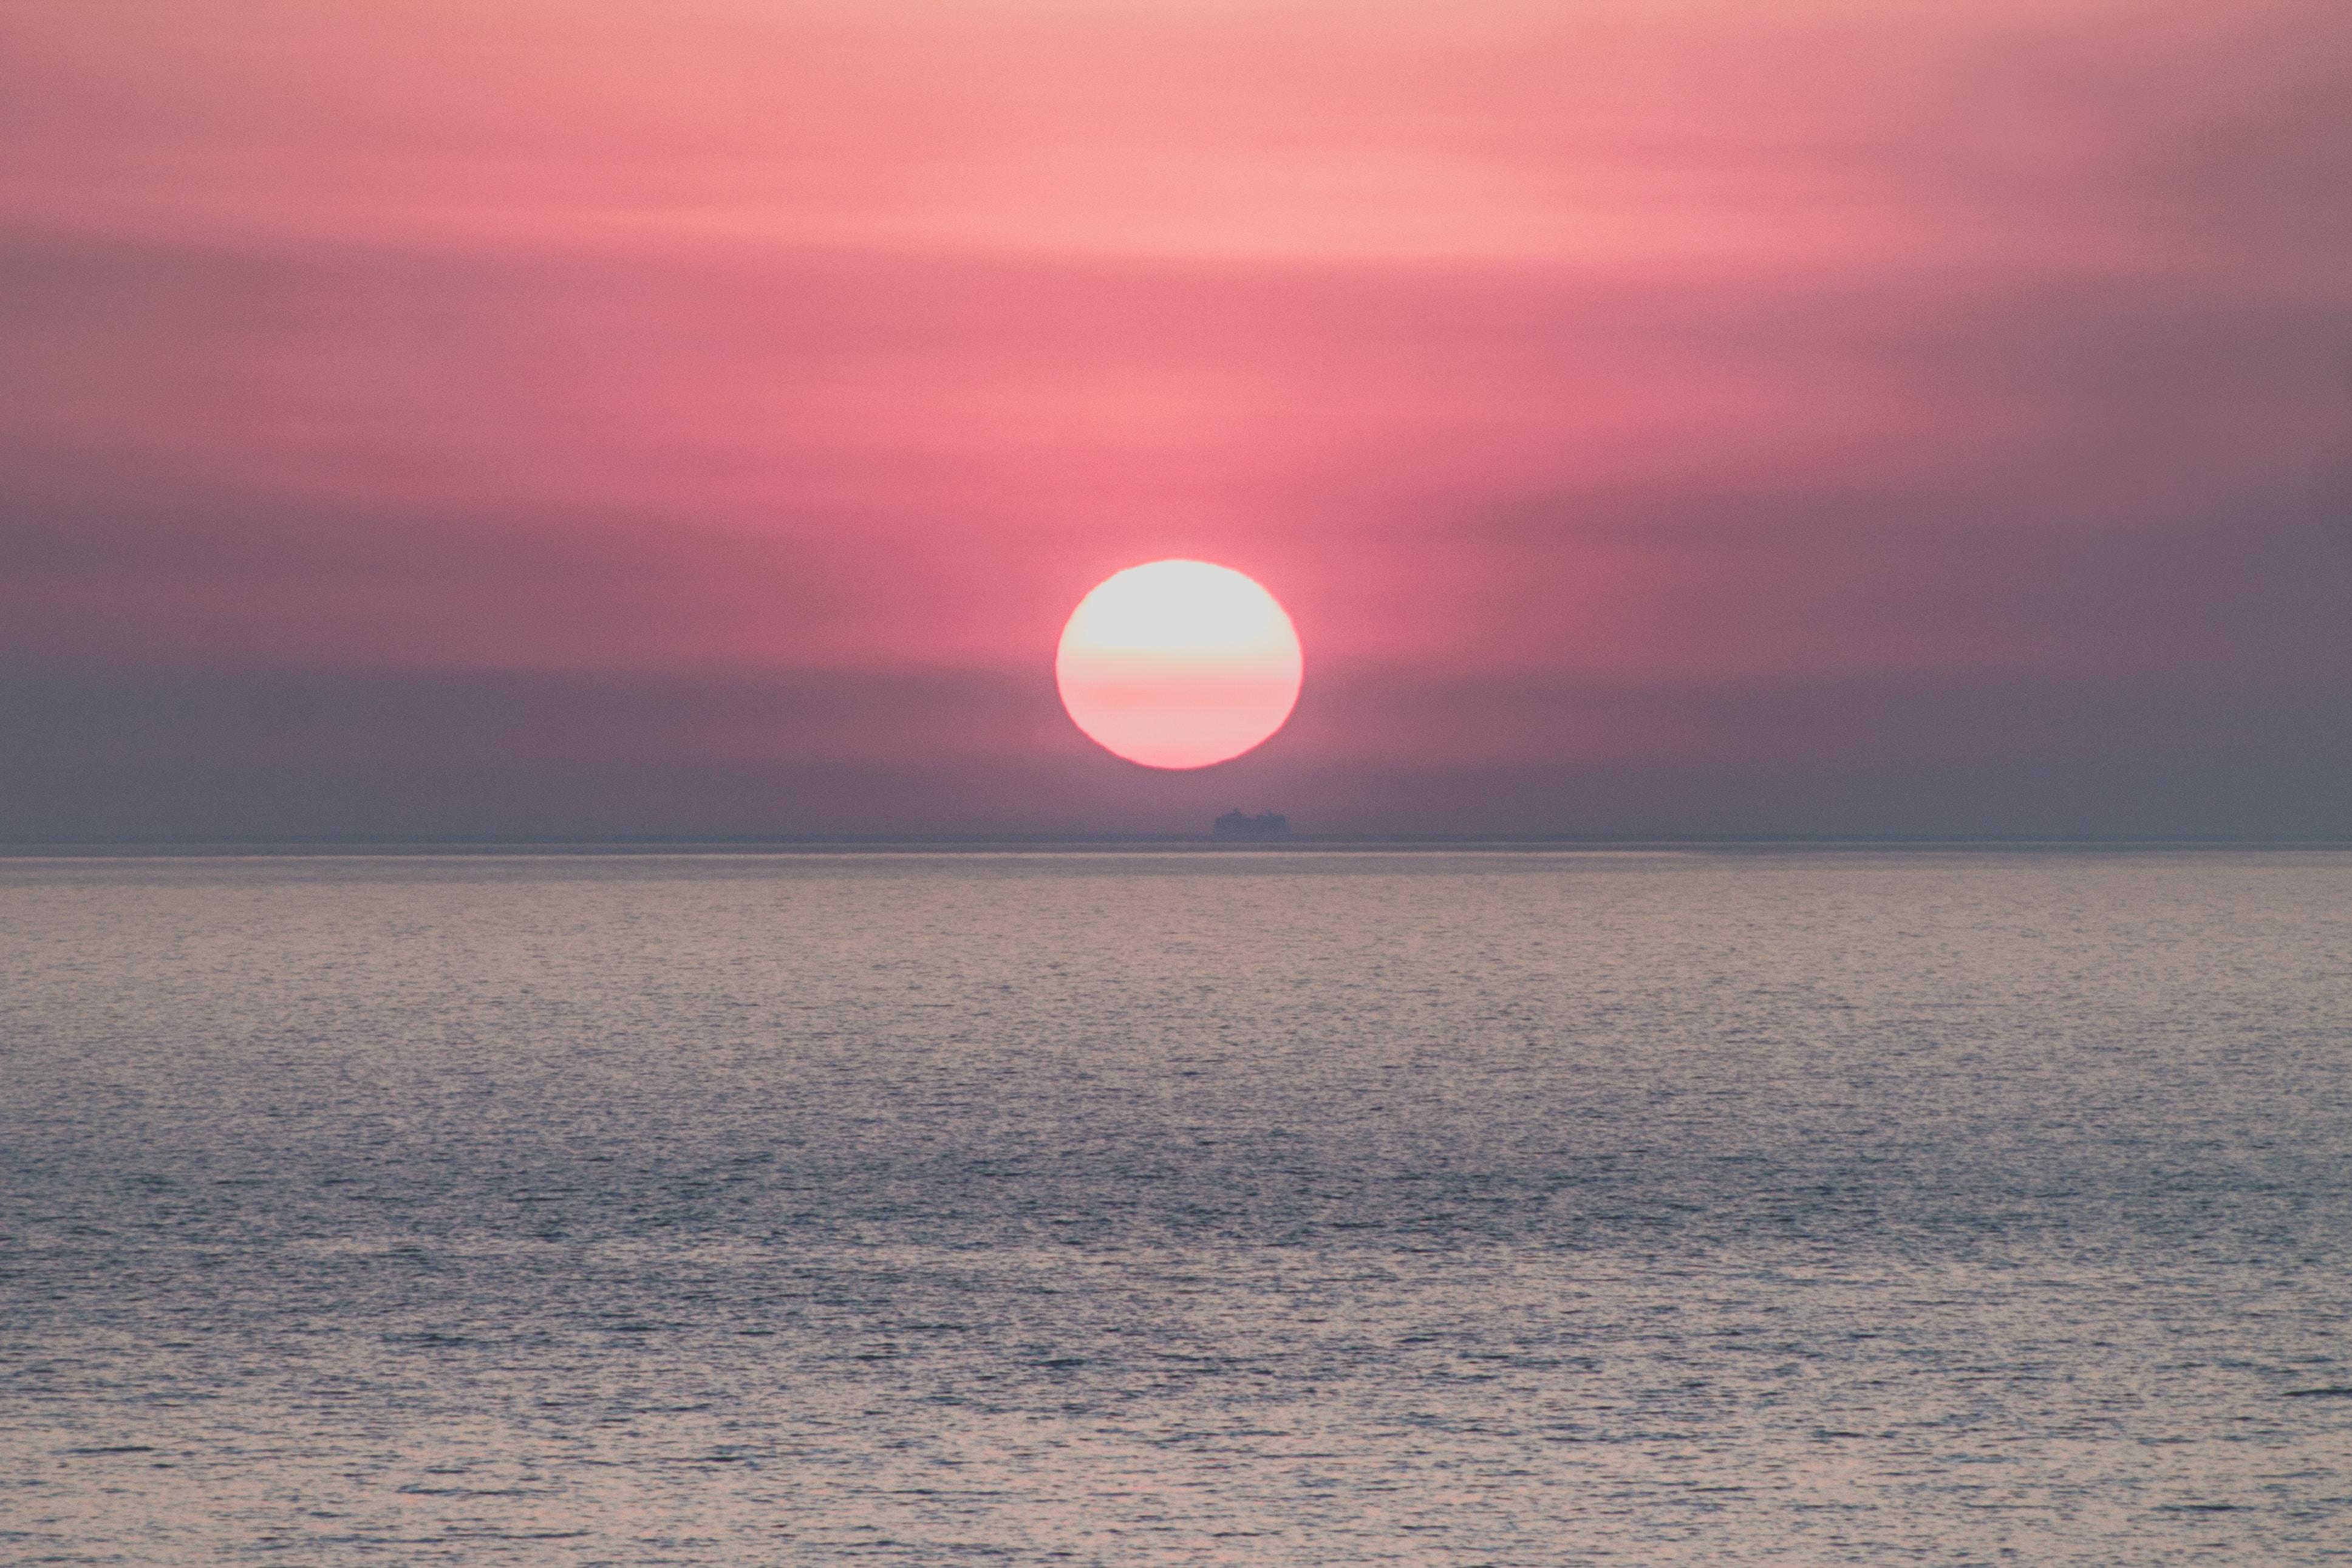 sun setting on ocean horizon